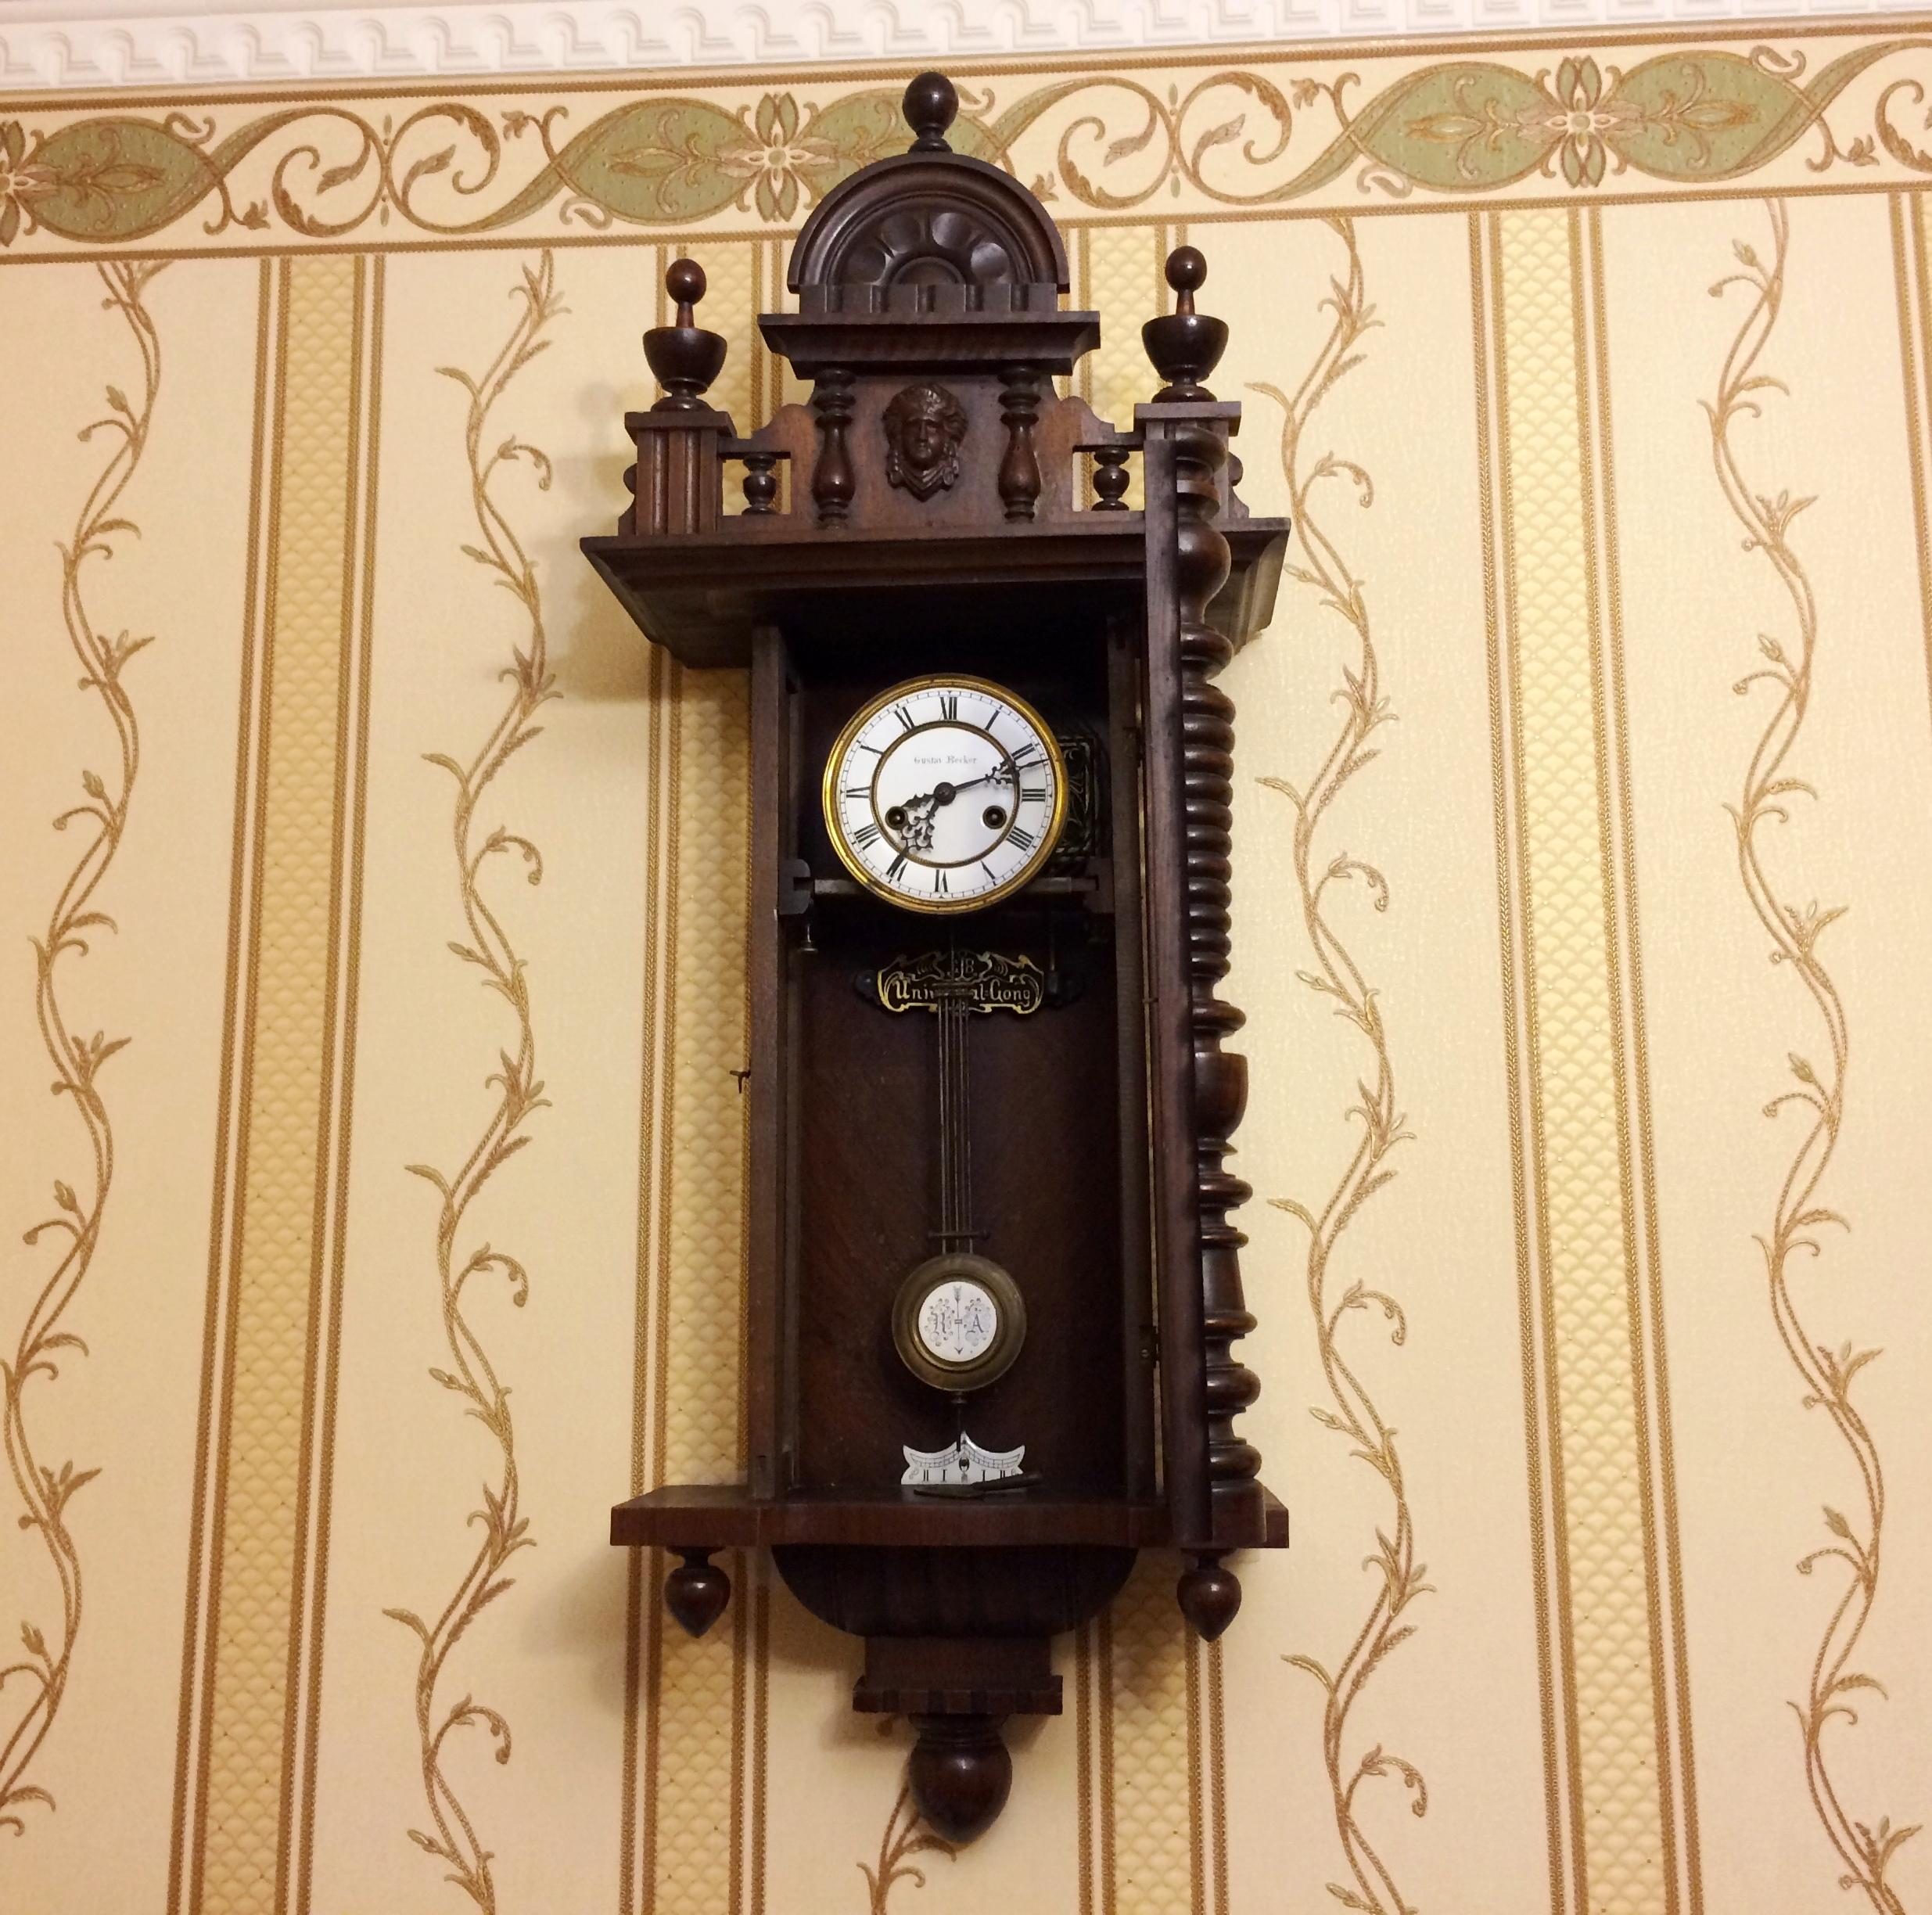 В категории: настенные часы густав беккер - купить по выгодной цене, доставка: санкт-петербург, скидки!